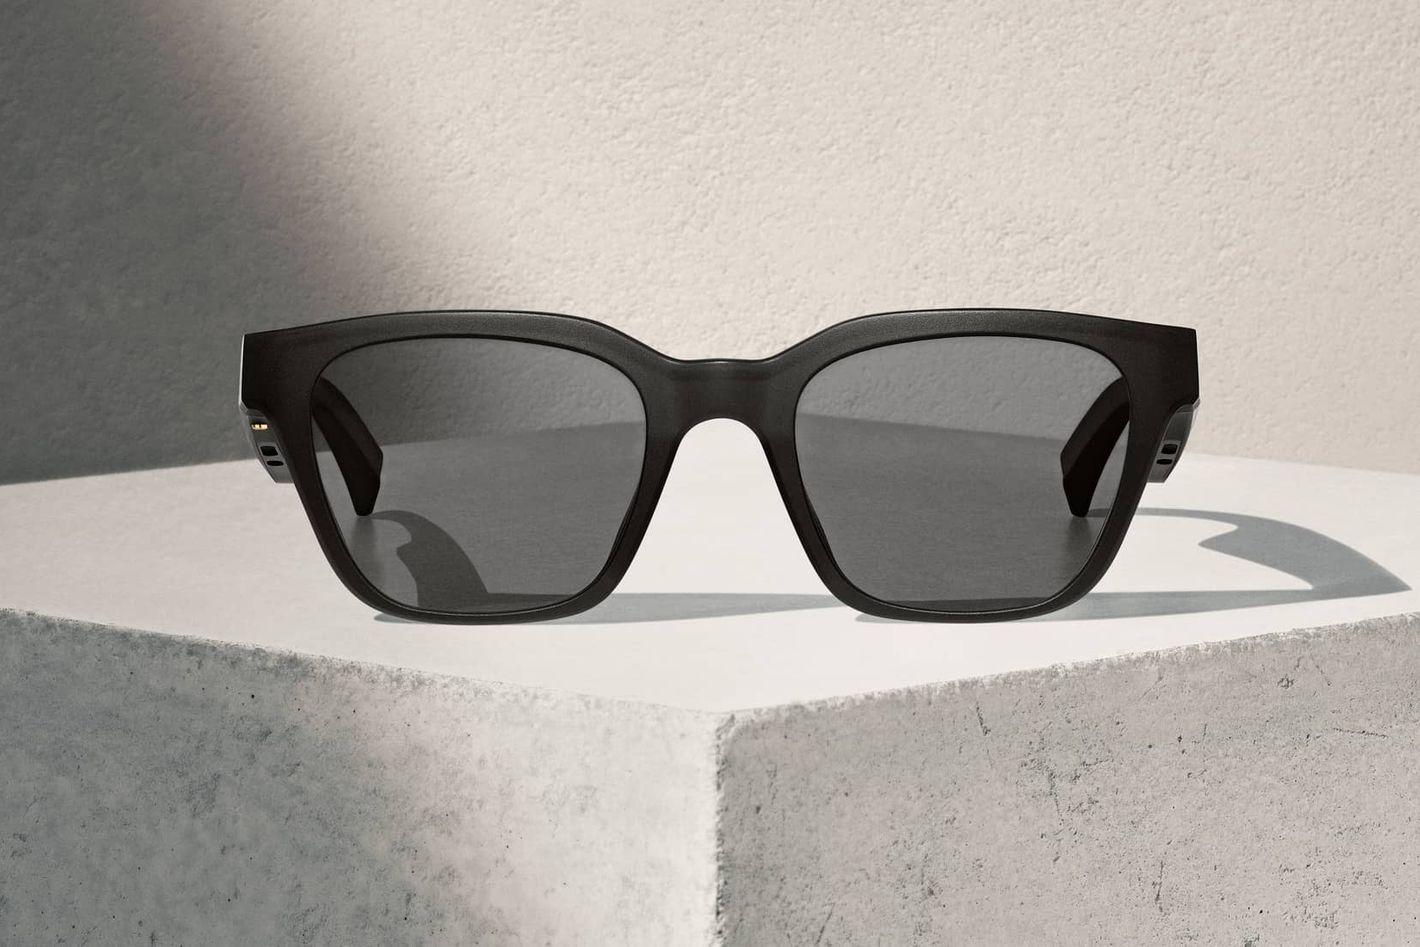 acf3e708e2 Bose Frames Audio Sunglasses Review 2019